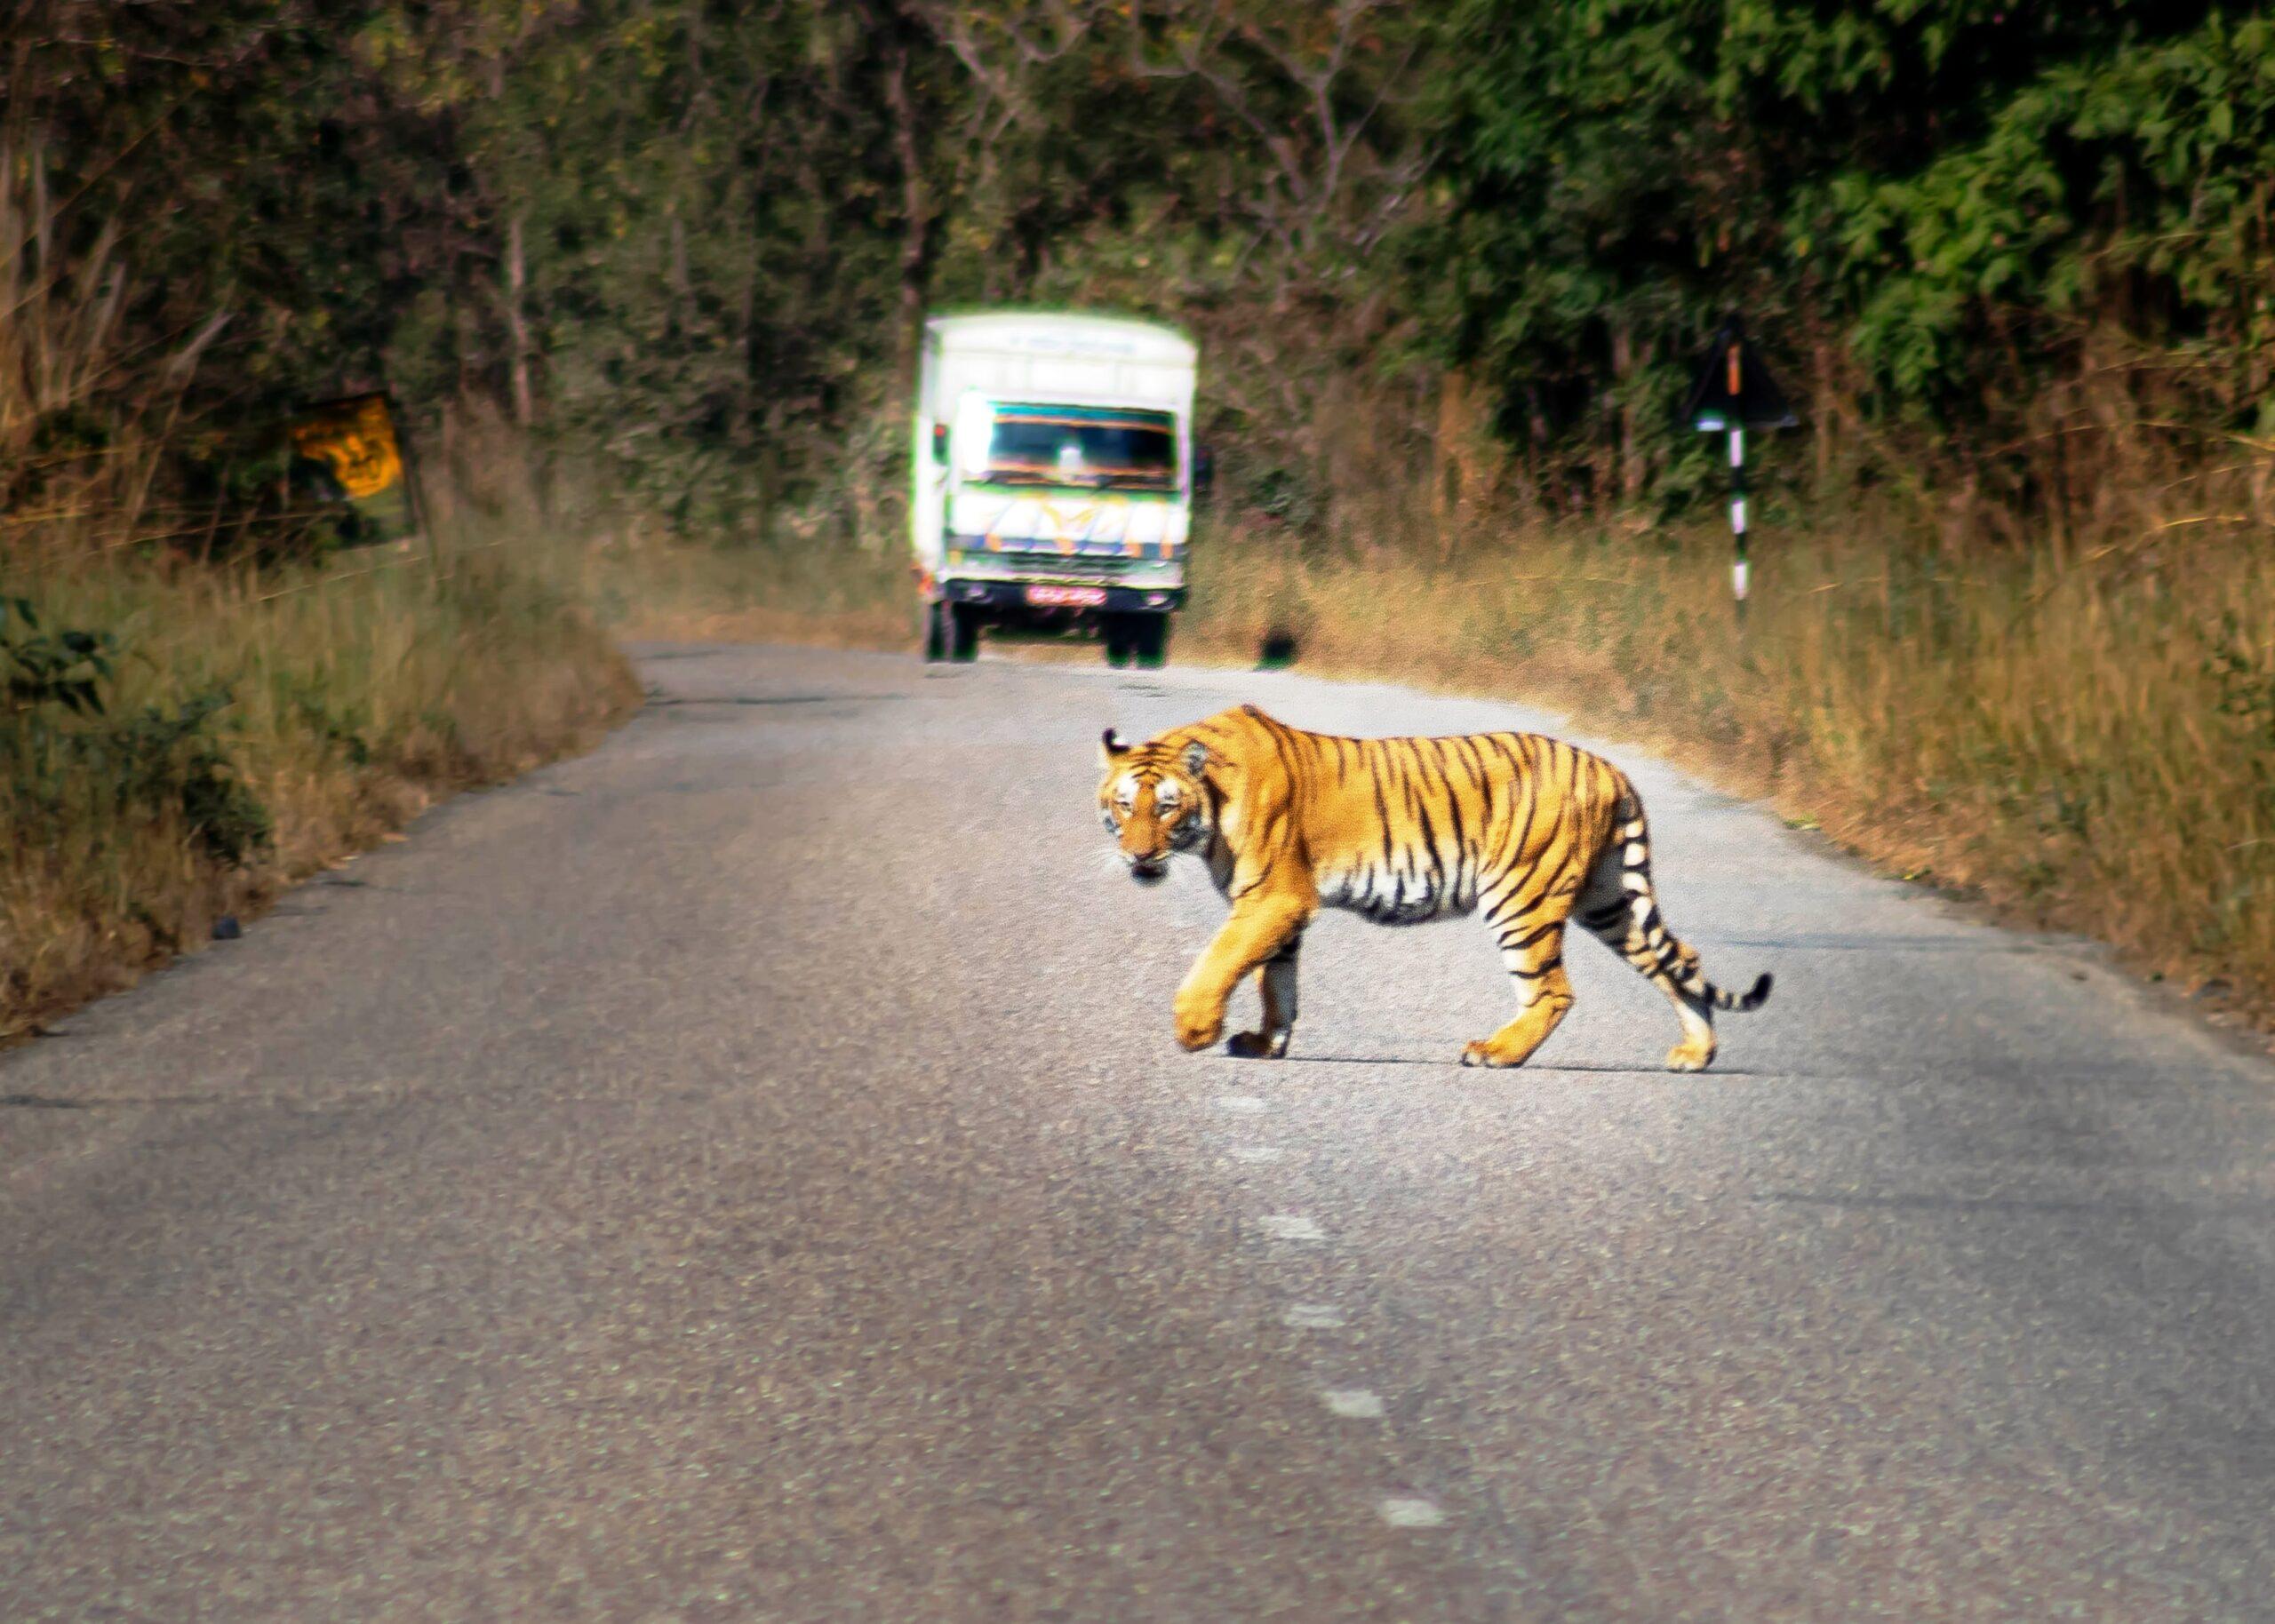 बाघको आक्रमण बढेपछि निकुञ्ज क्षेत्रमा उच्च सतर्कता